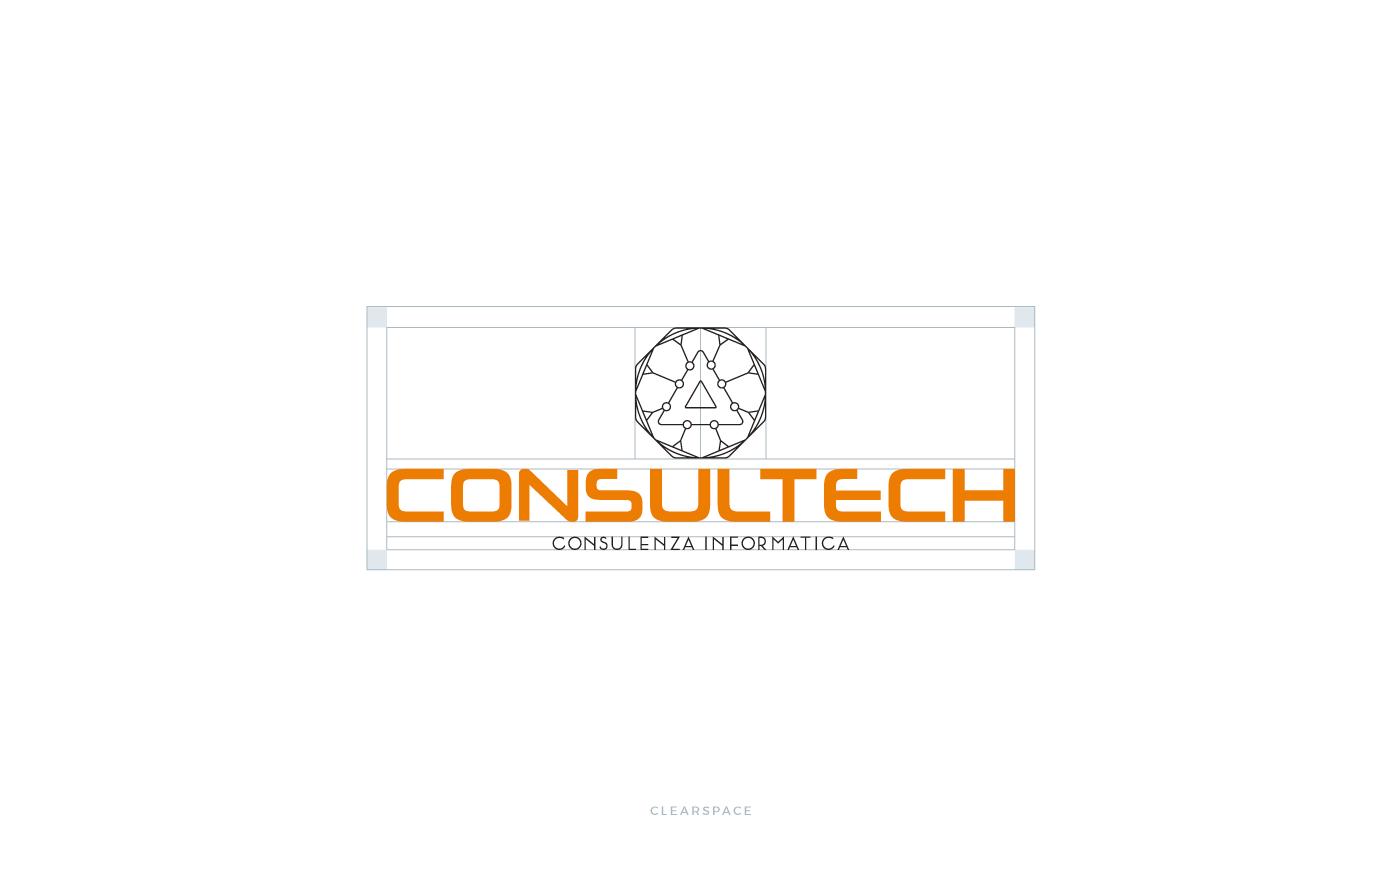 Logo ConsulTech